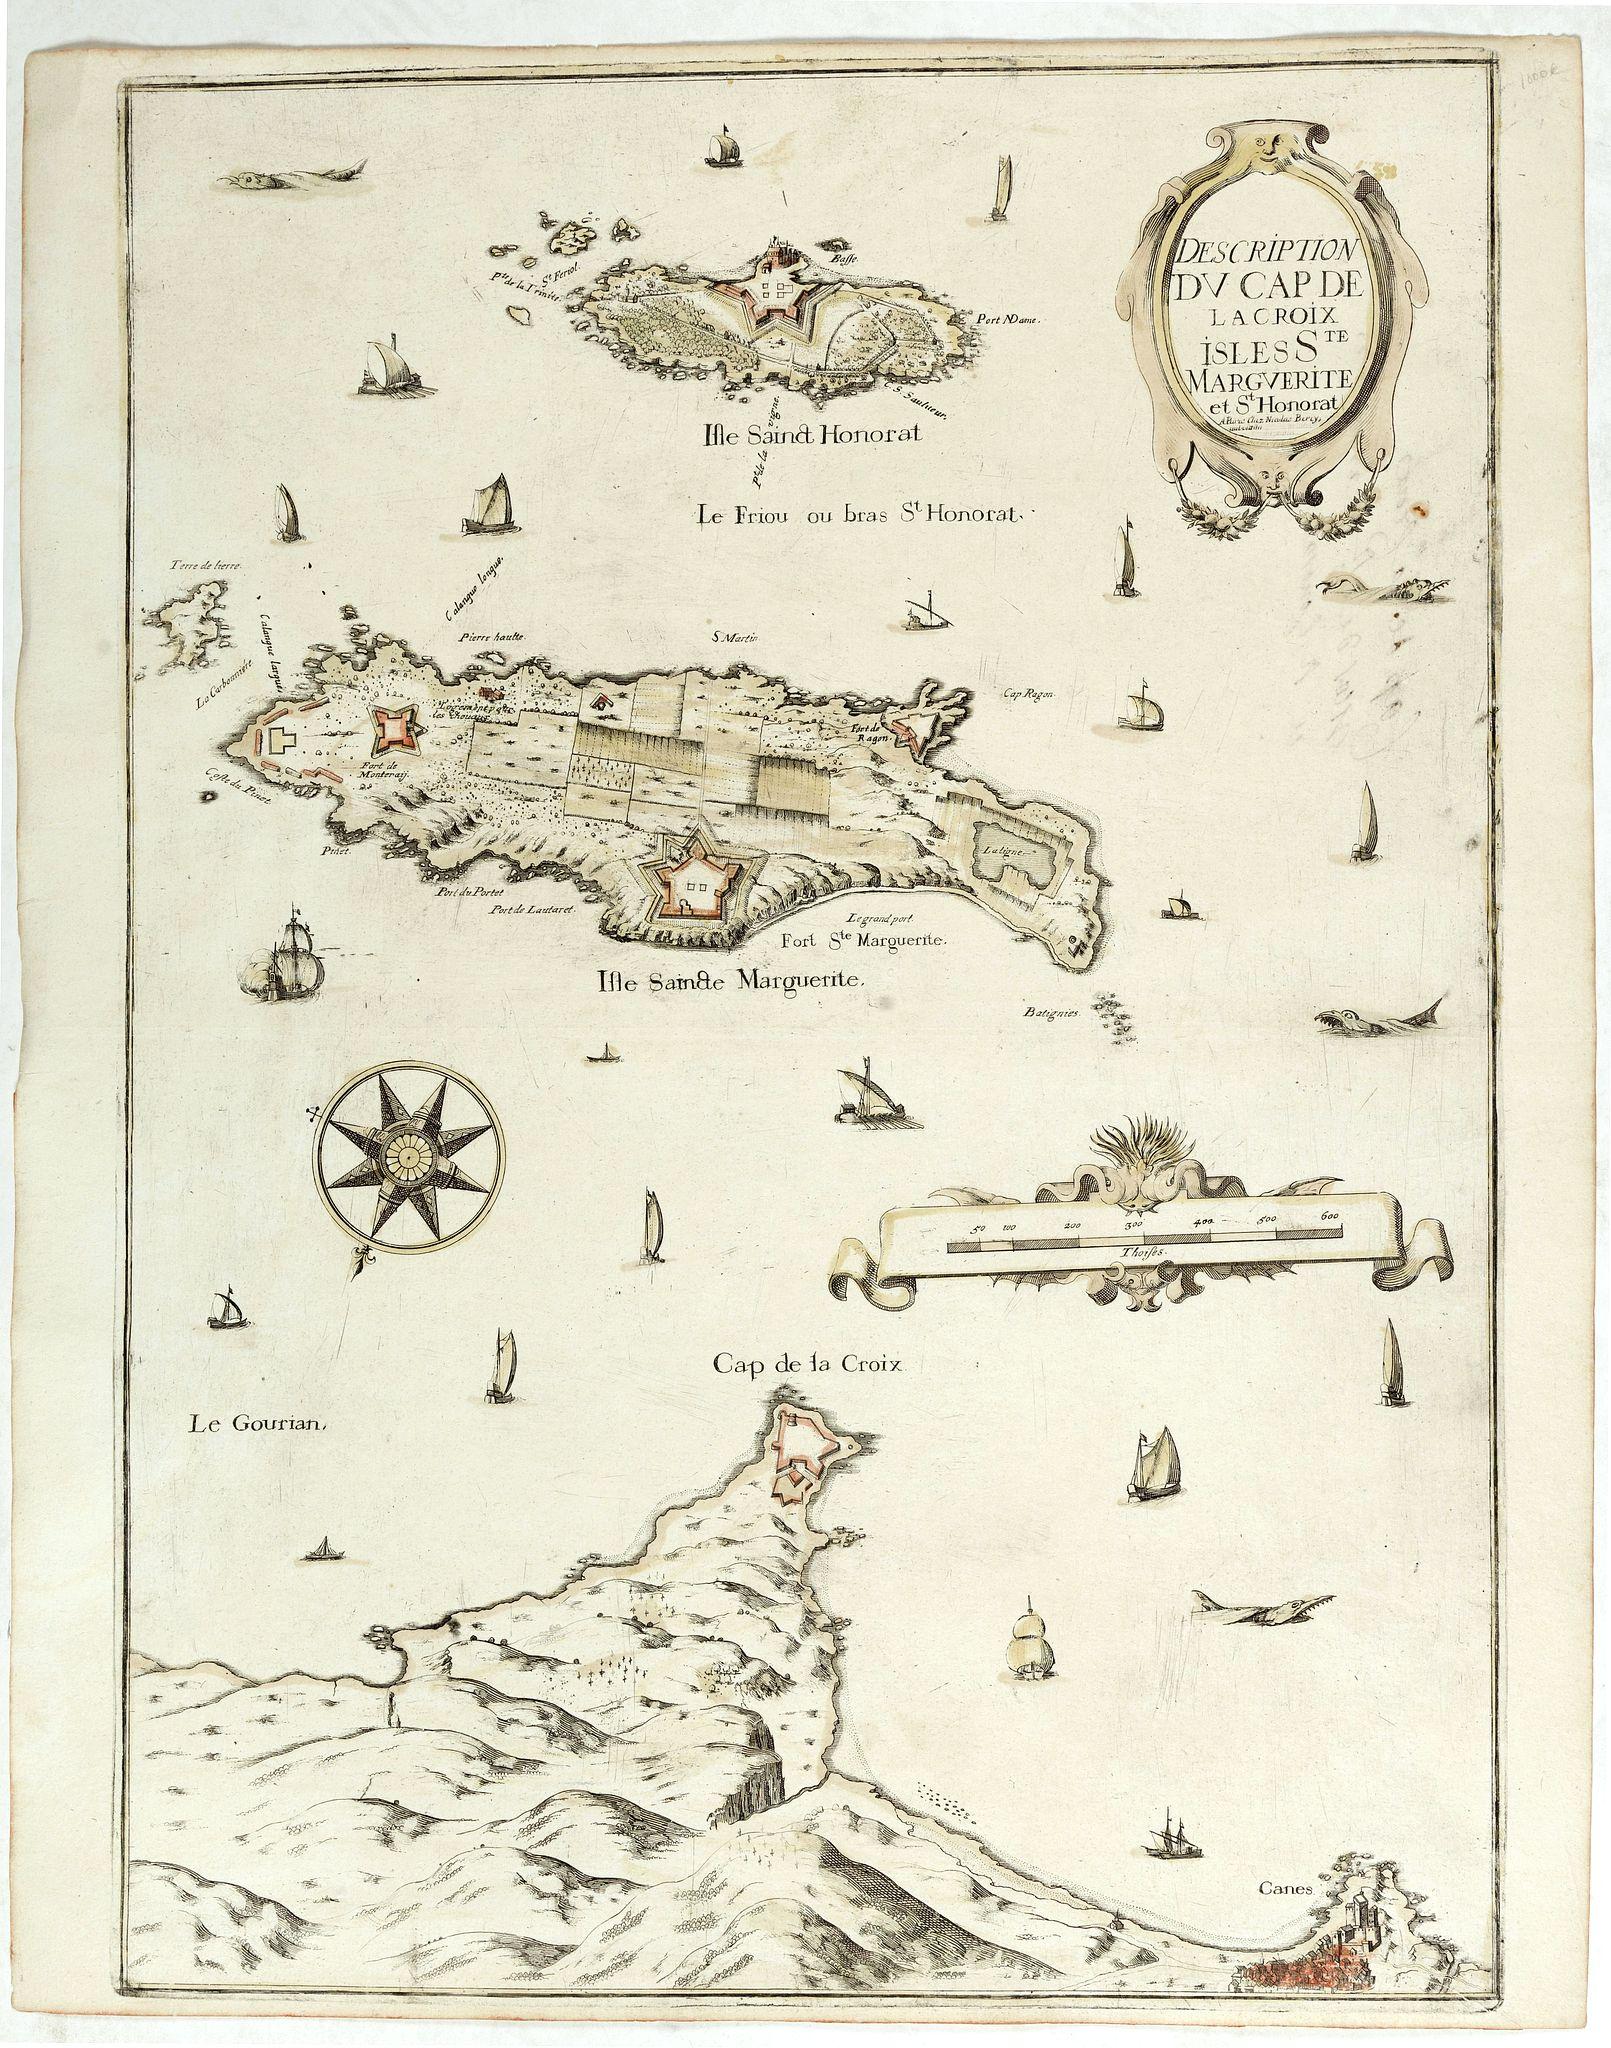 TASSIN, Ch. / BEREY, N. -  Description Du Cap De La Croix Isles Ste Marguerite et St Honorat.